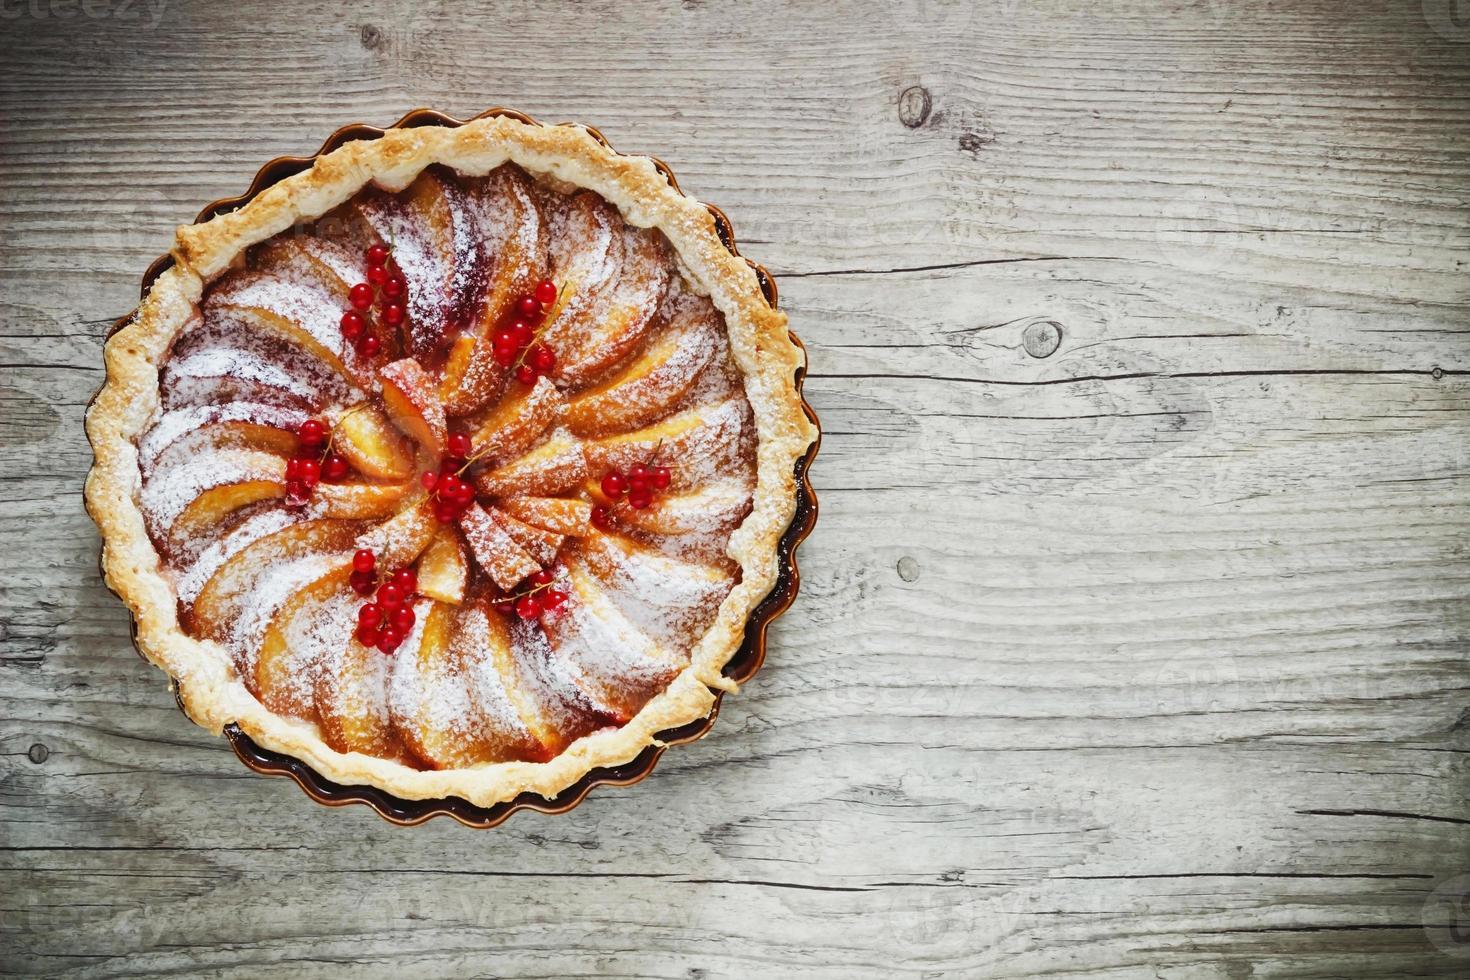 torta de frutas com pêssegos foto